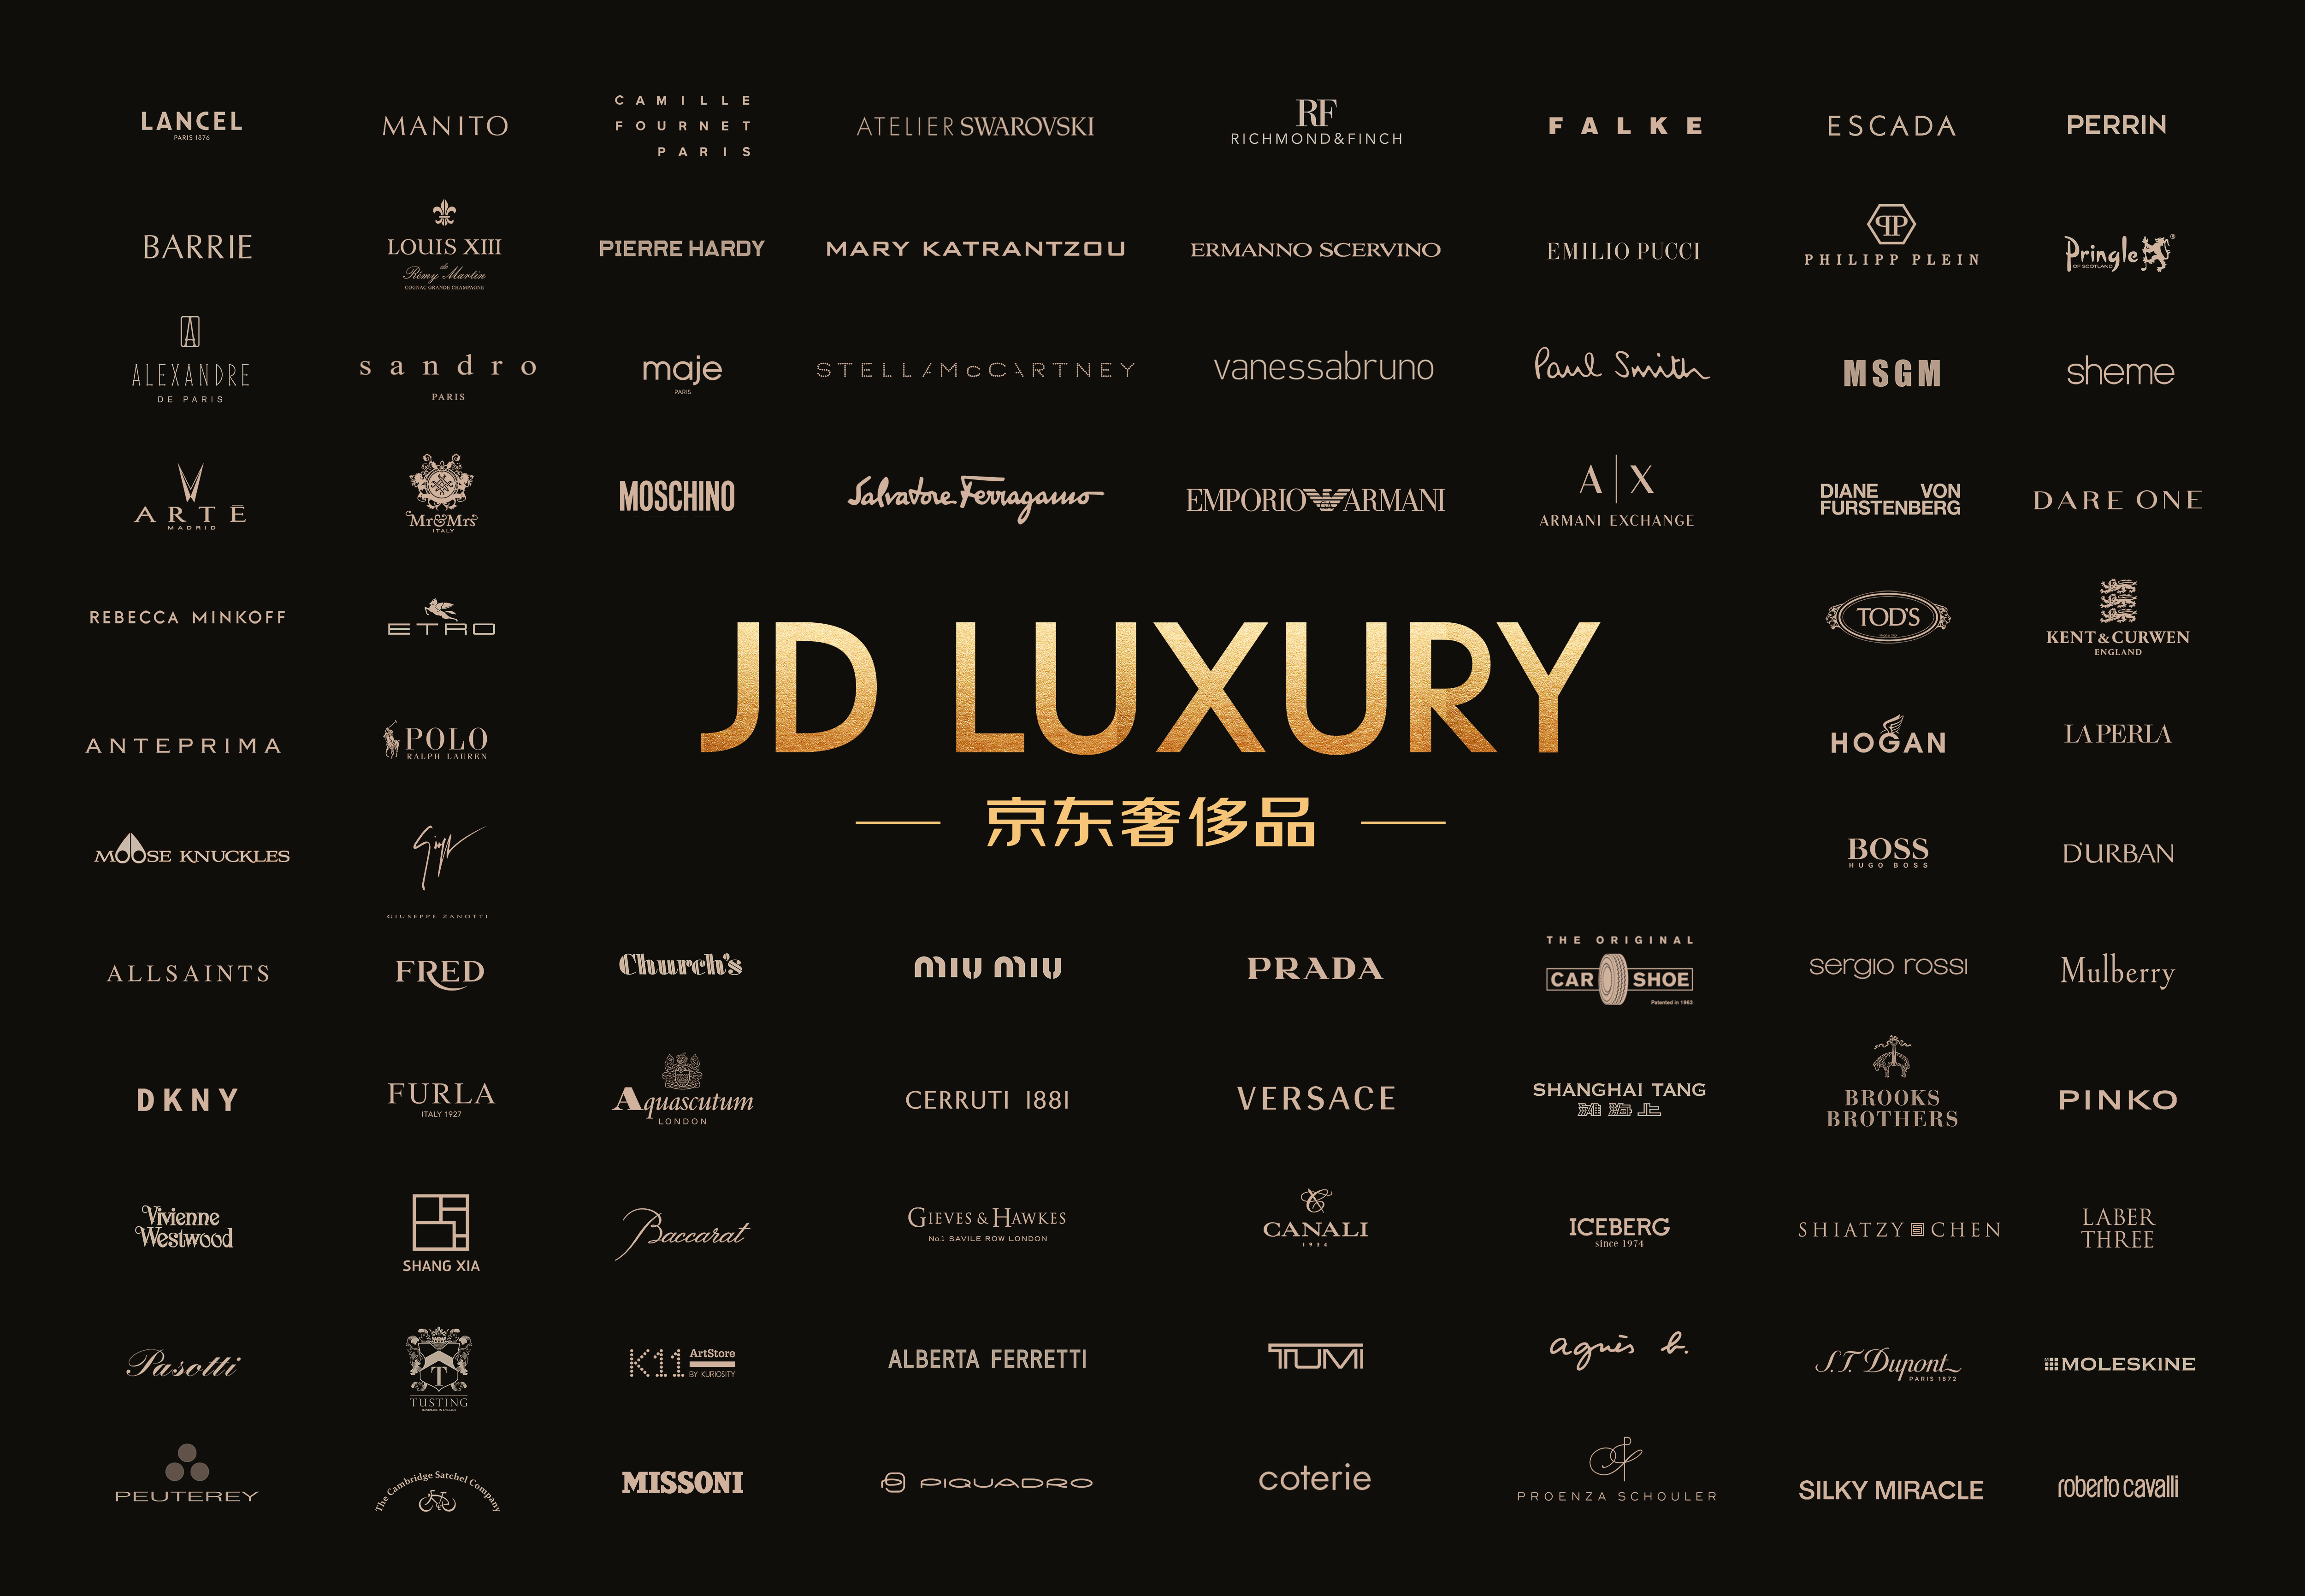 奢侈品牌如何用好中国电商平台?看看 Paul Smith, Ferragamo 和 Prada 是怎么做的